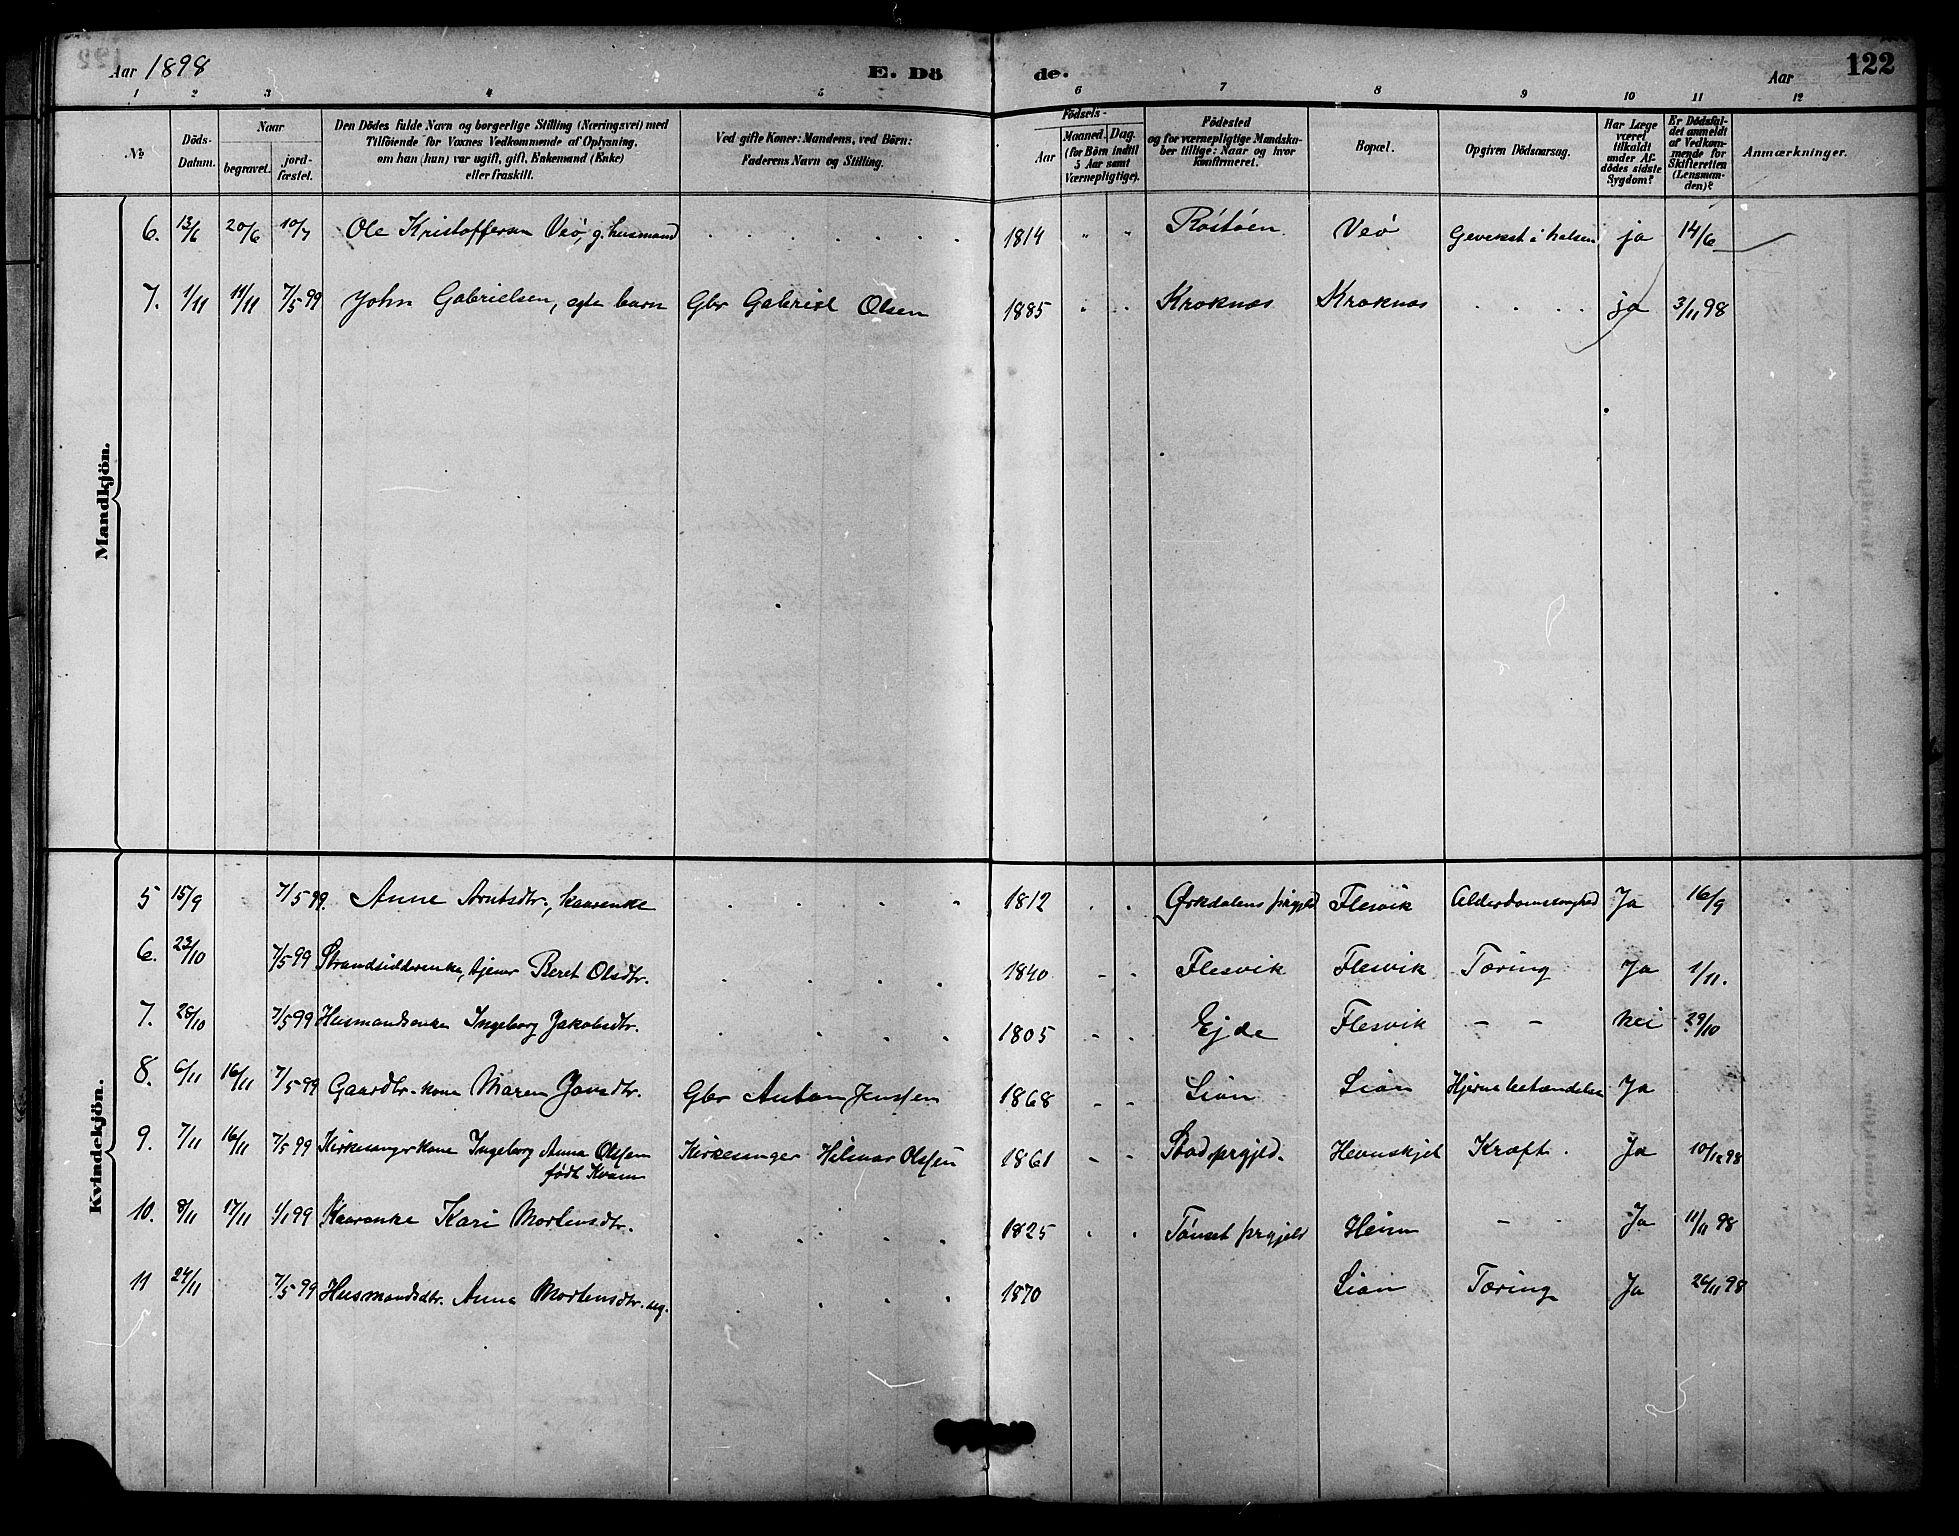 SAT, Ministerialprotokoller, klokkerbøker og fødselsregistre - Sør-Trøndelag, 633/L0519: Klokkerbok nr. 633C01, 1884-1905, s. 122